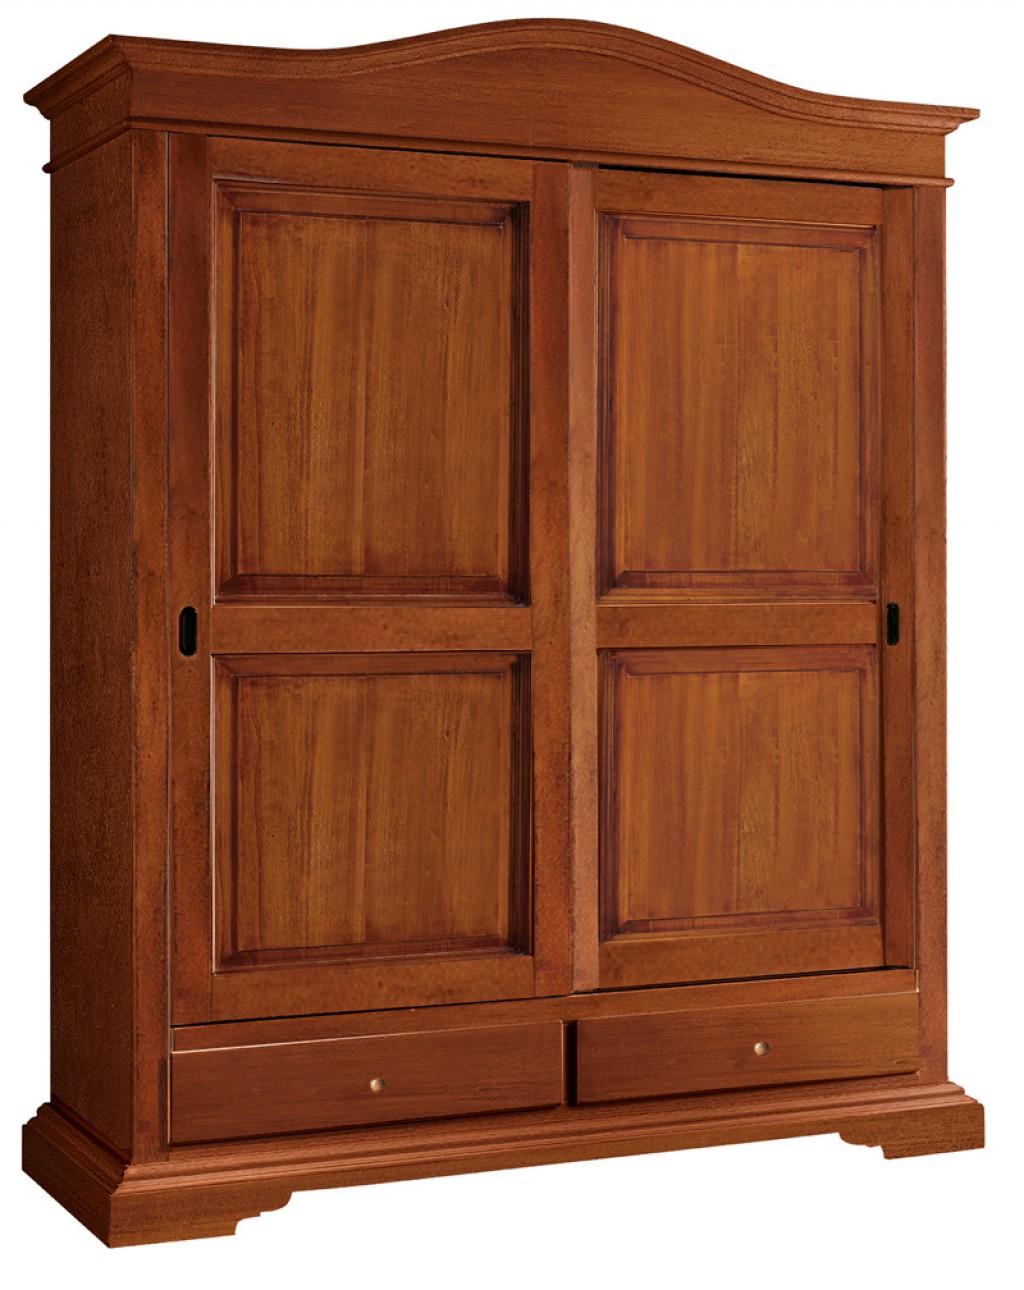 Armadio classico et583 cucine mobili di qualit al - Iva bonus mobili ...